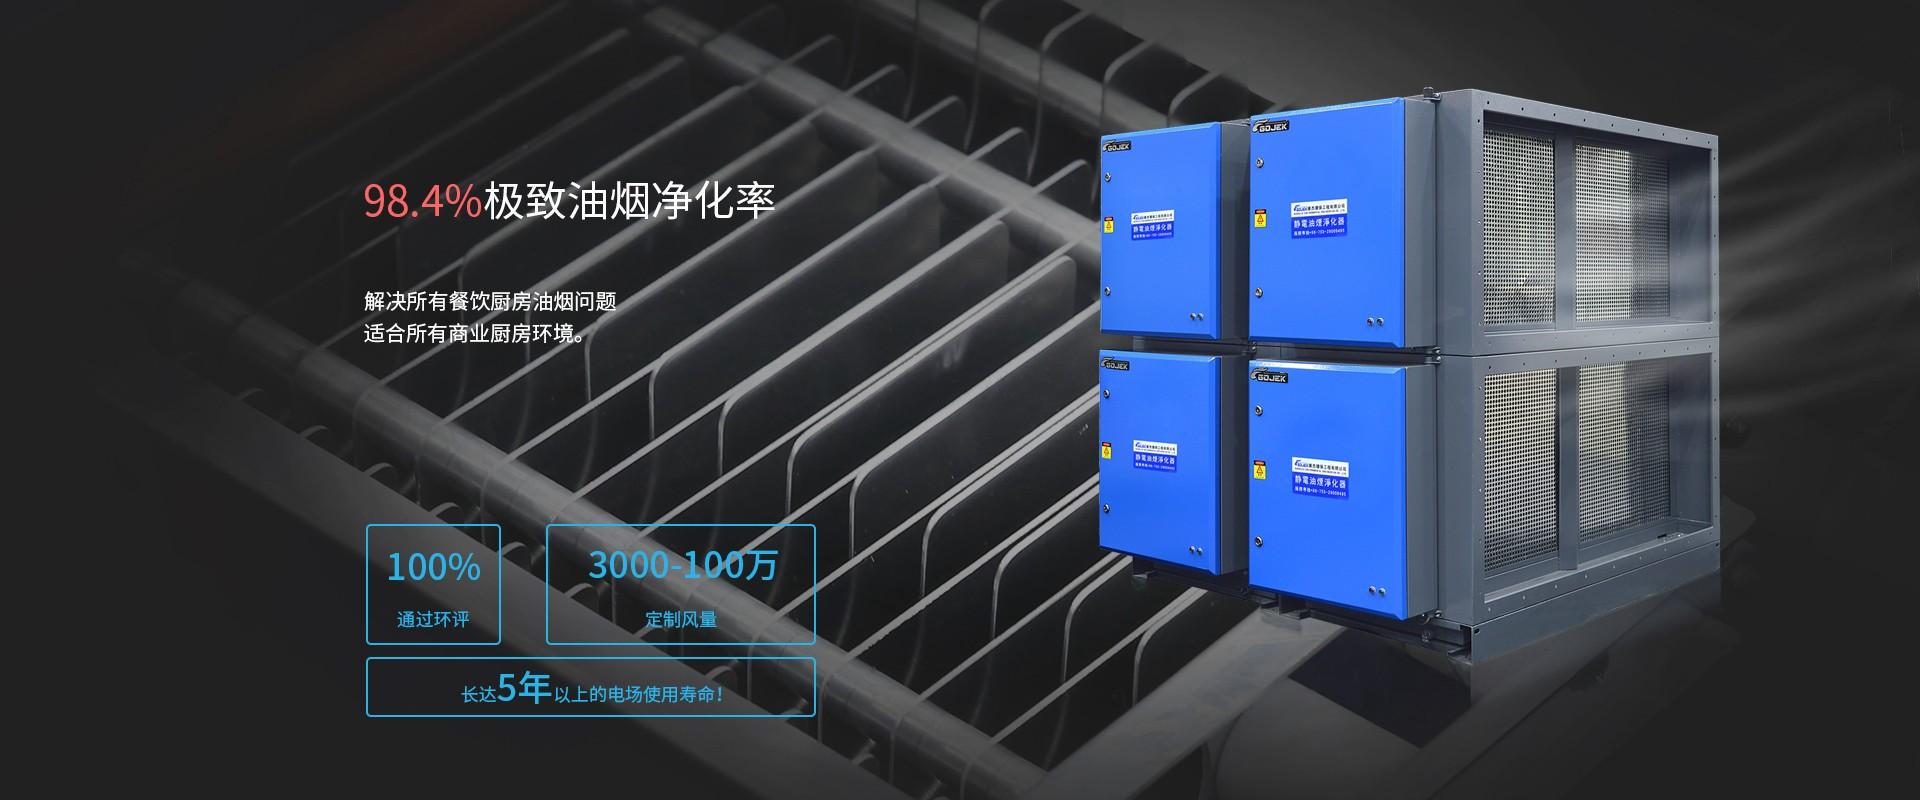 厨房油烟净化器设备